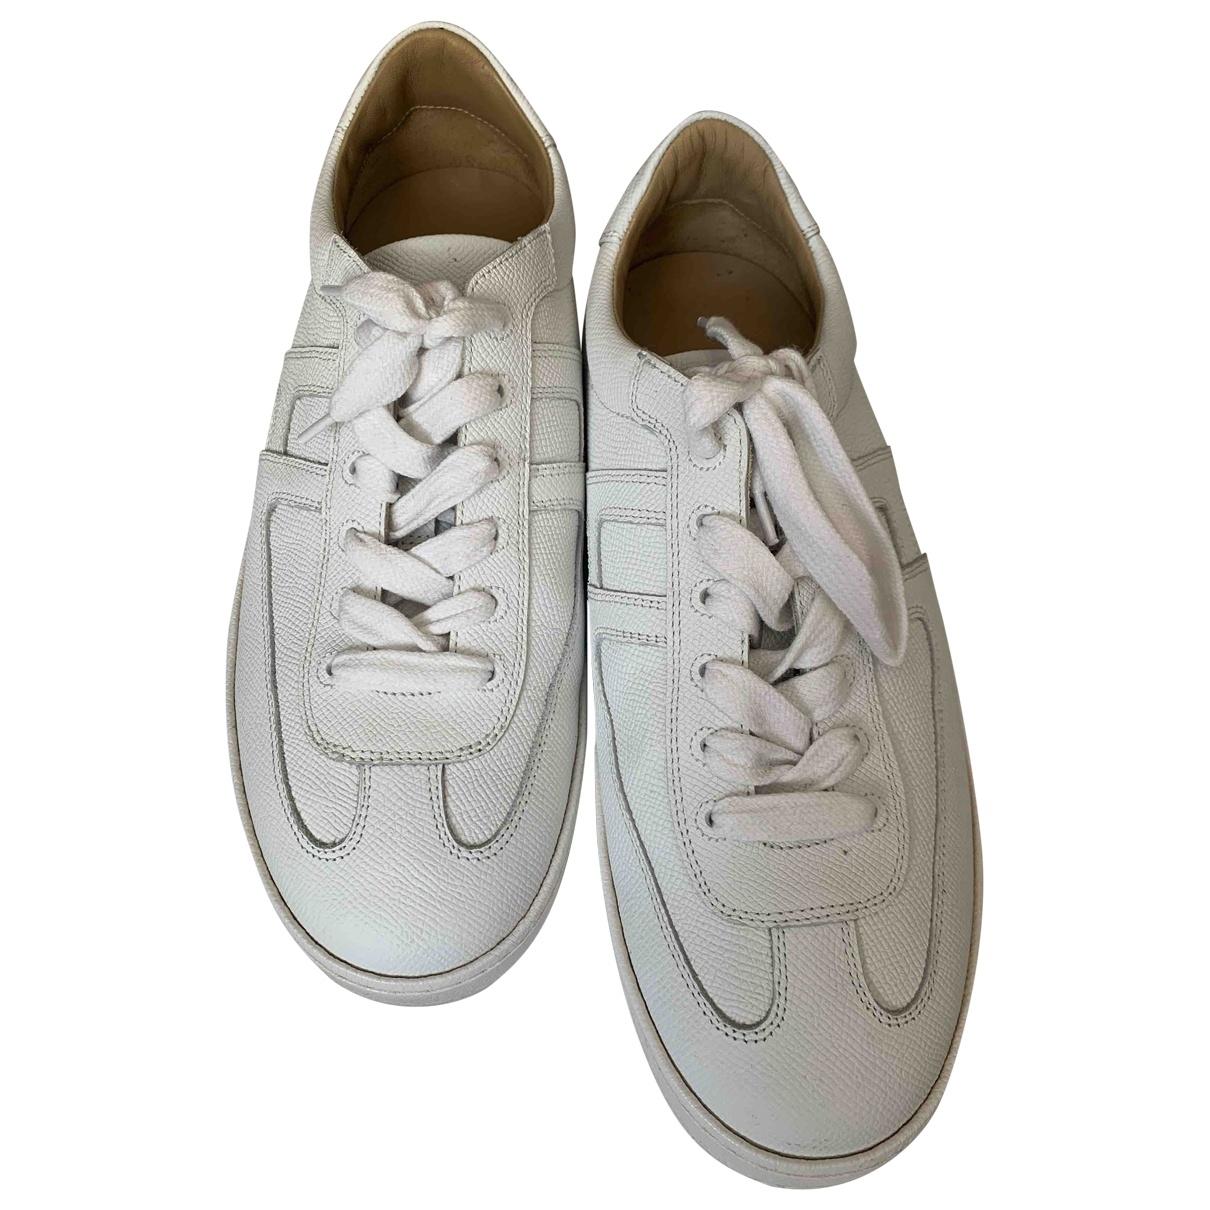 Hermes - Baskets Goal pour homme en cuir - blanc